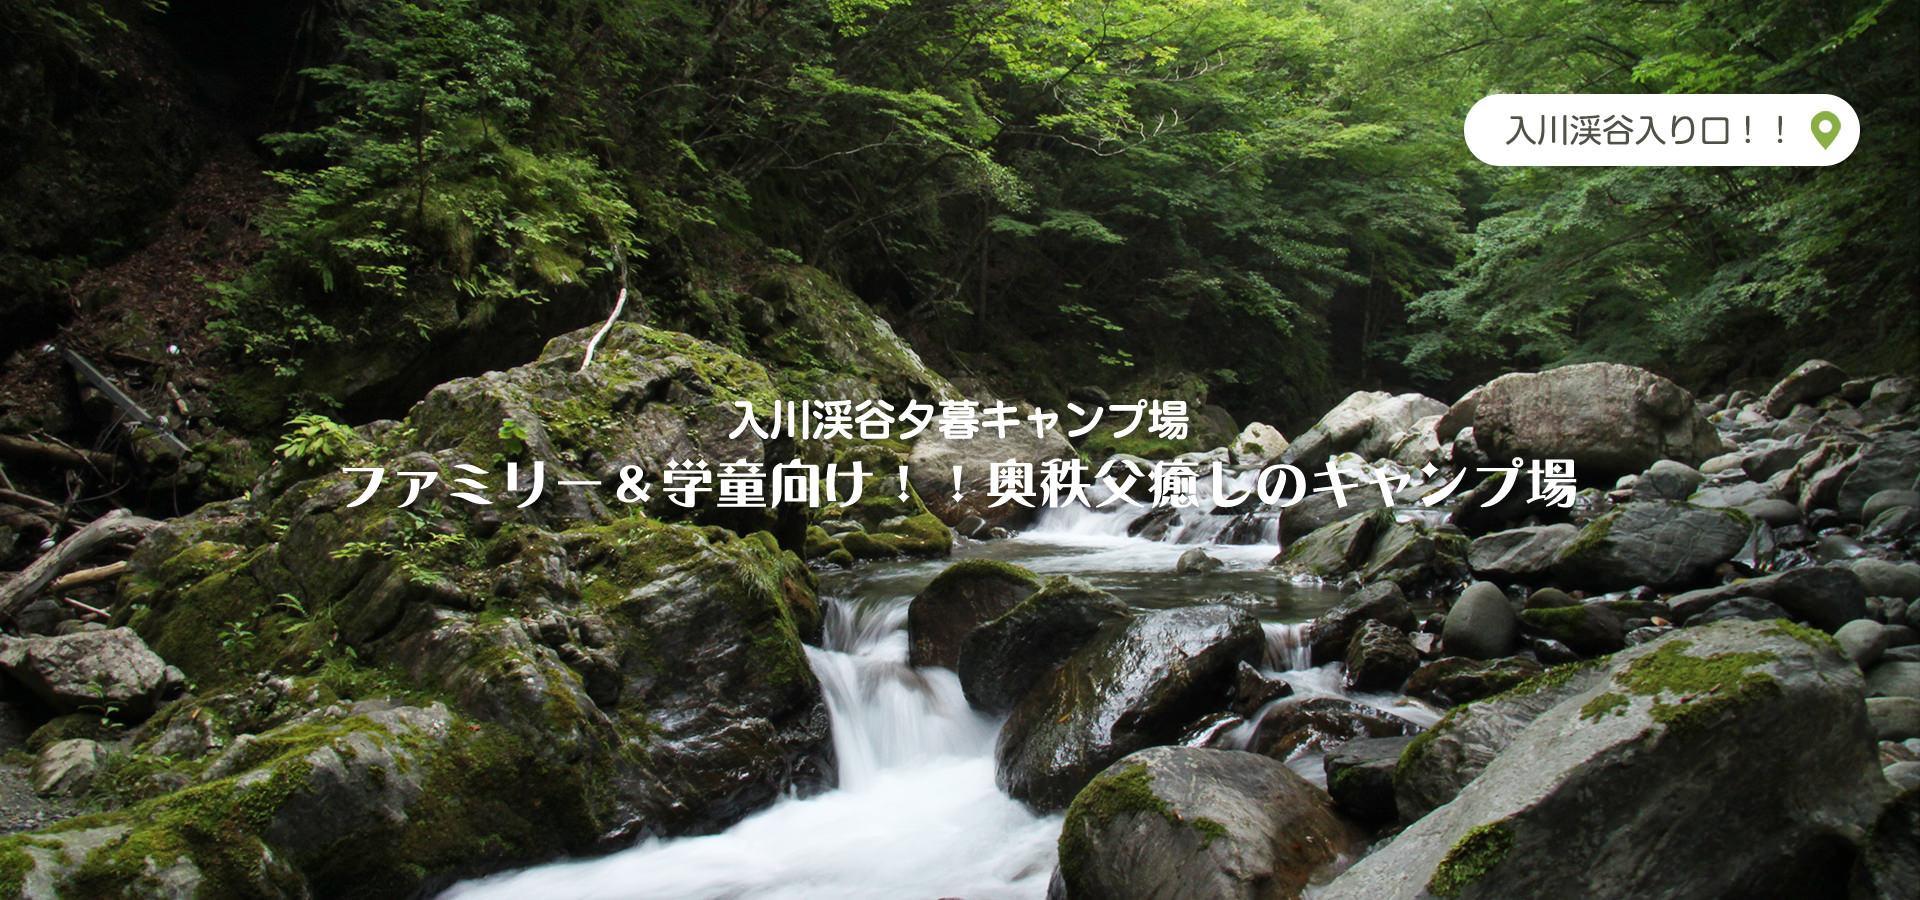 入川渓谷入り口!!